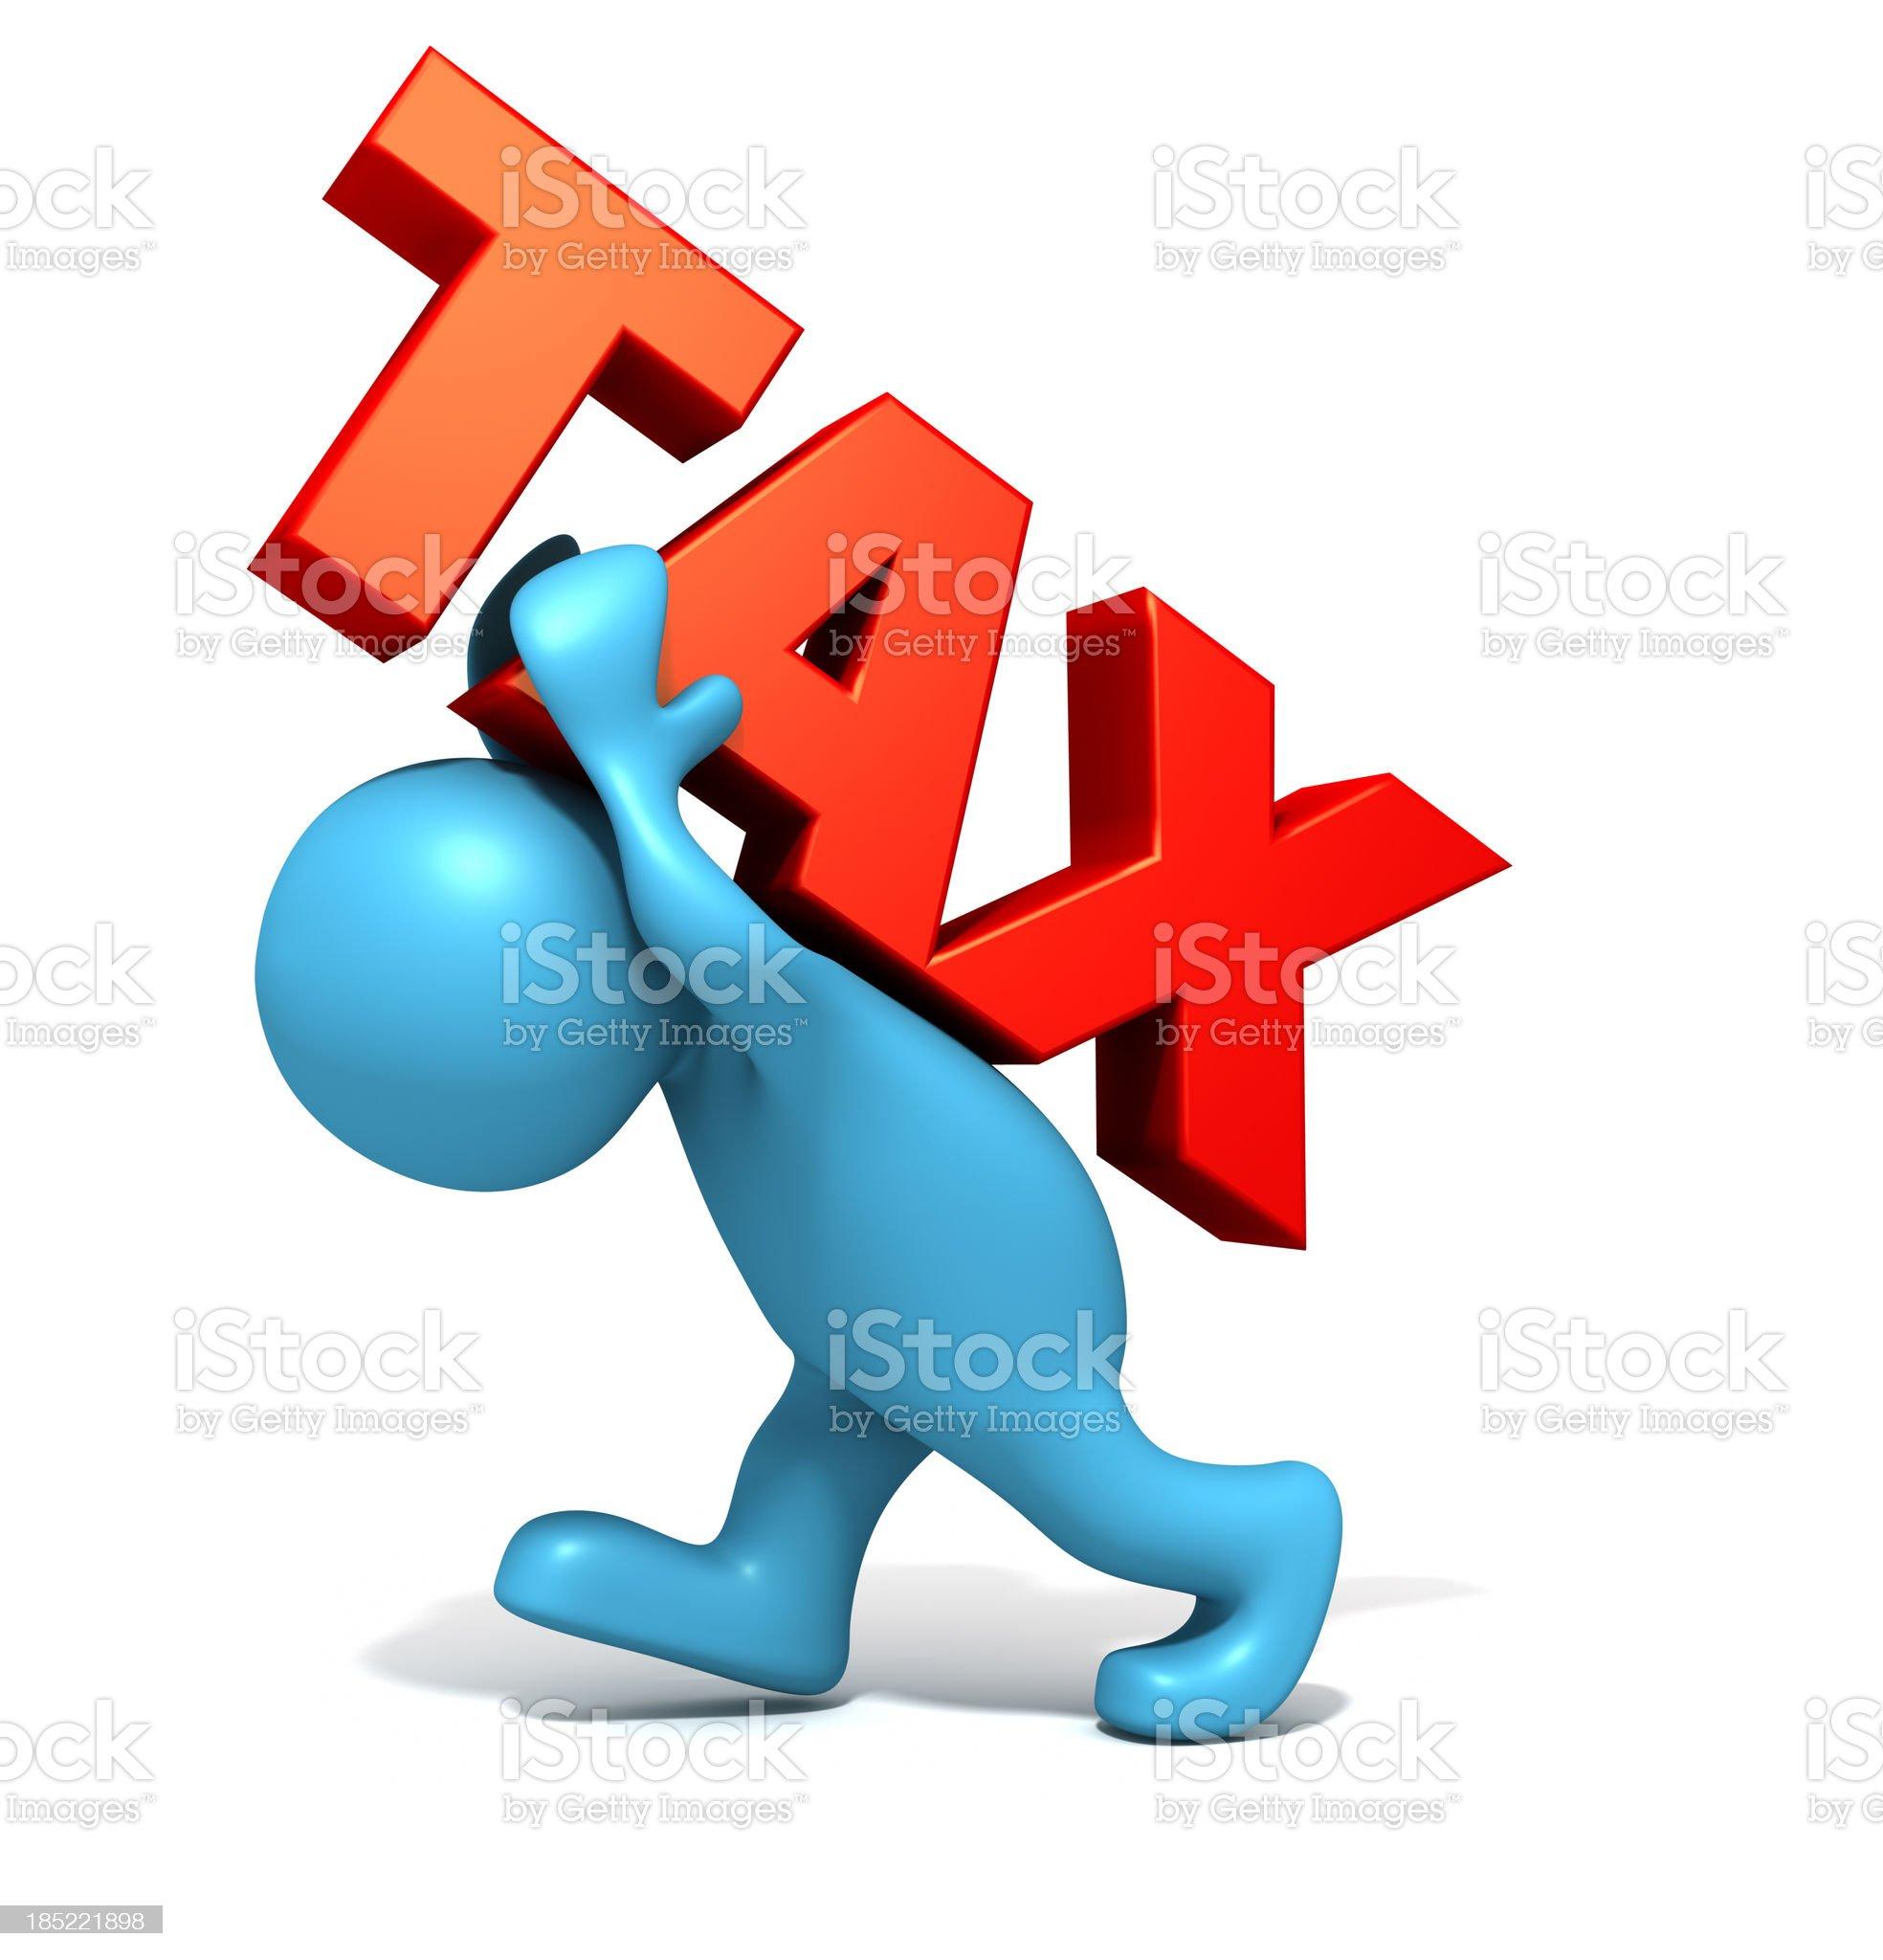 Heavy Taxes royalty-free stock photo